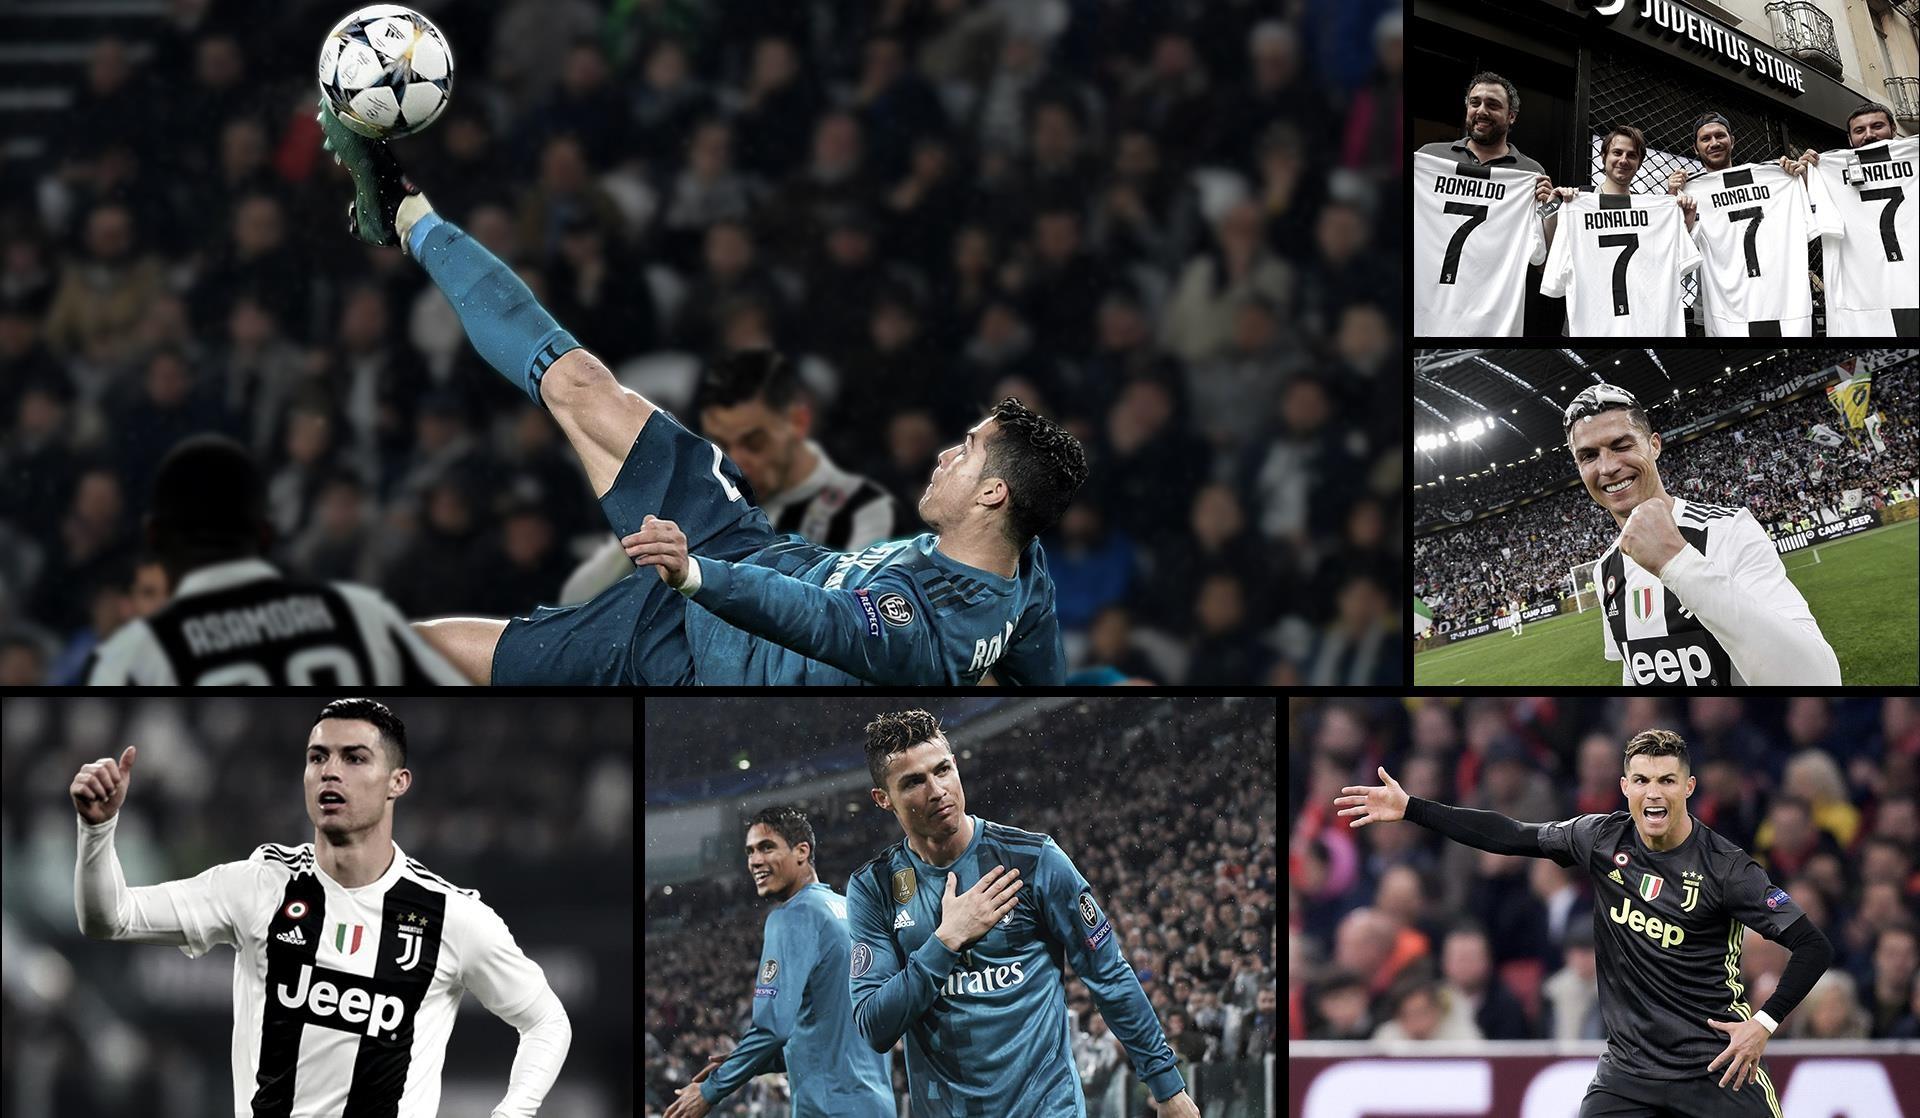 Juventus buc boi tren ngai vang cung ong vua Ronaldo hinh anh 10